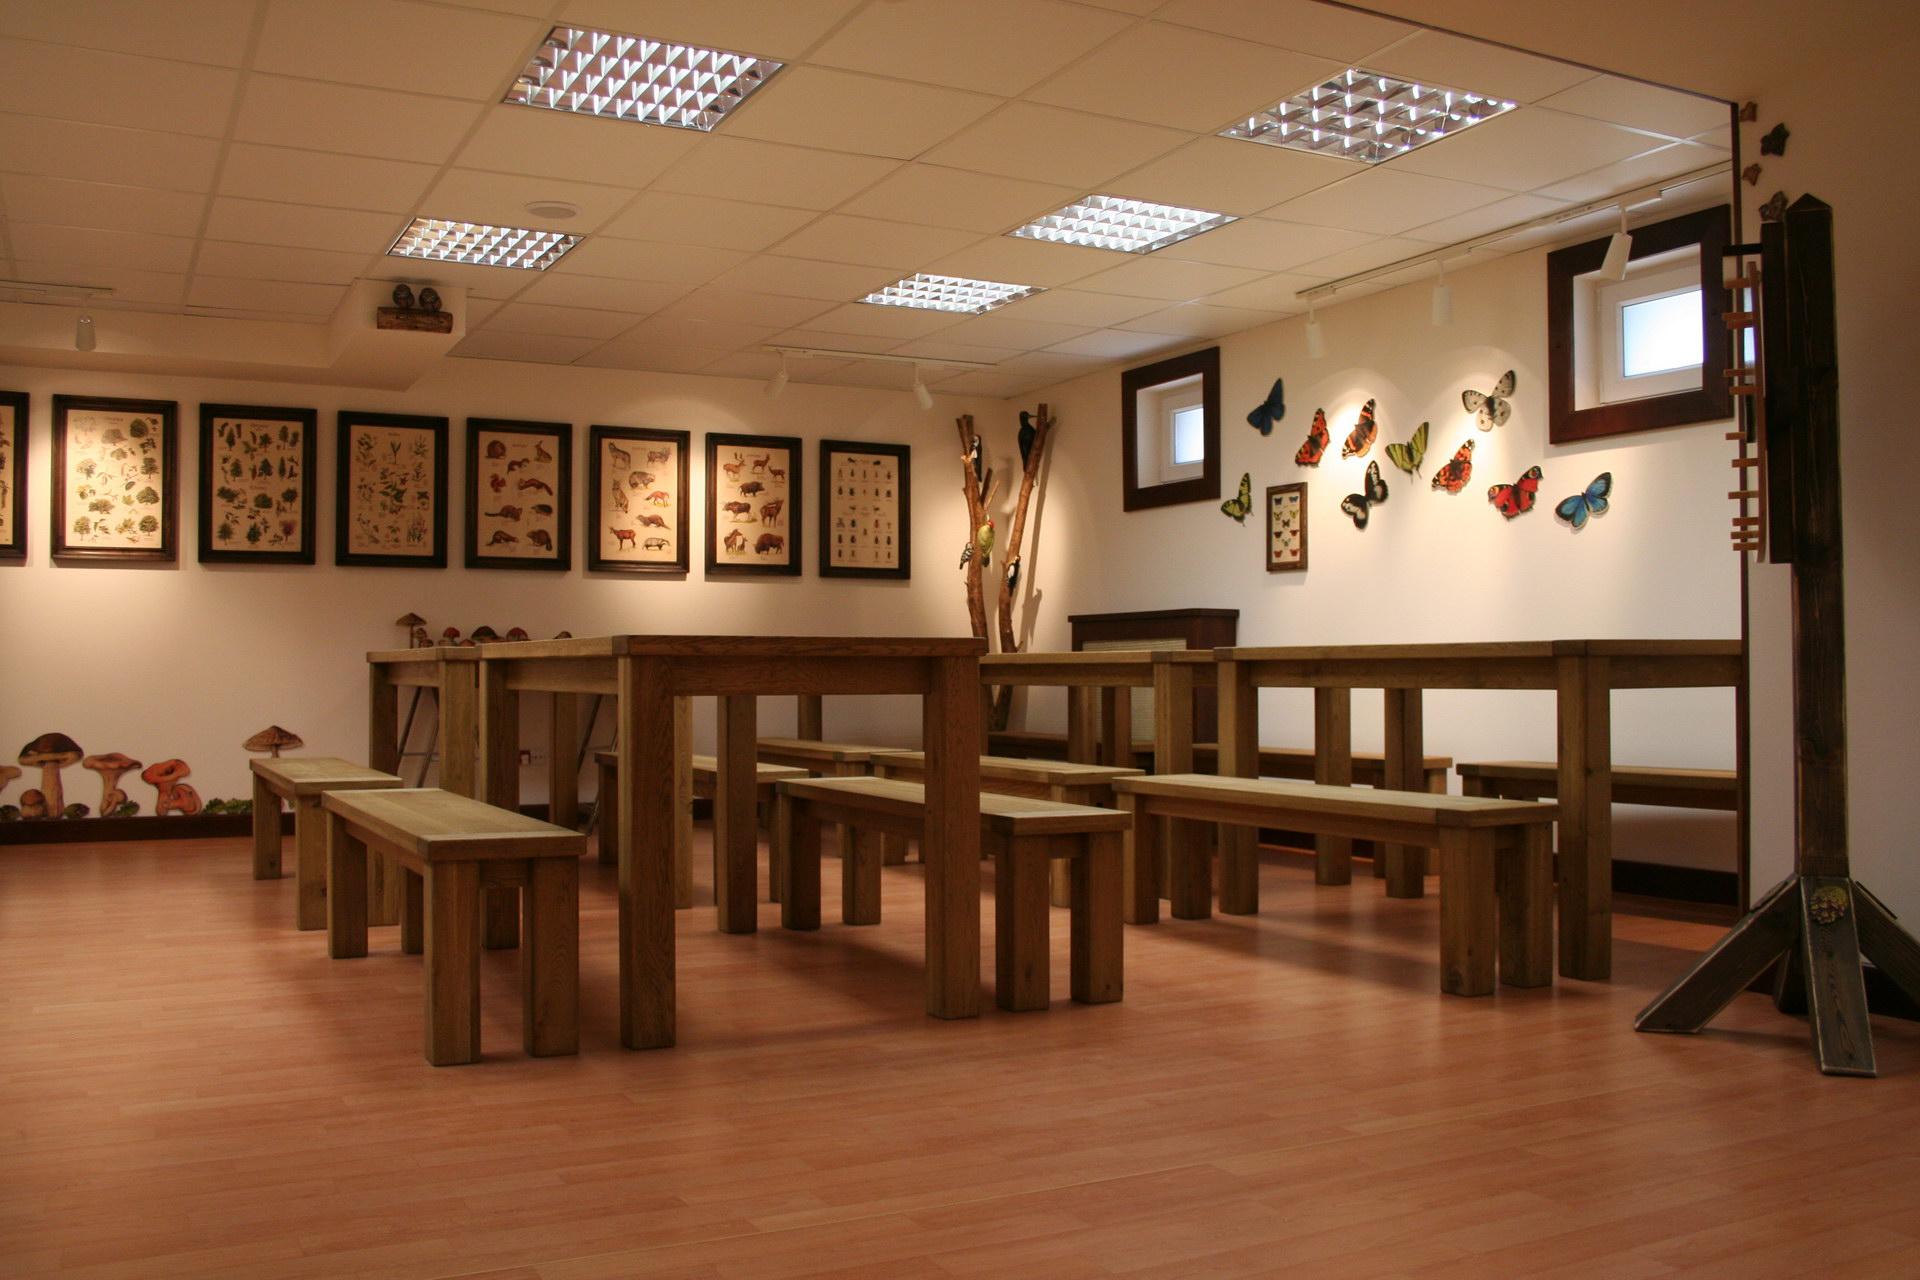 Izby edukacyjne lesne - sale przyrodnicze, wystroj wnetrz - Nadlesnictwo Cybinka (5)